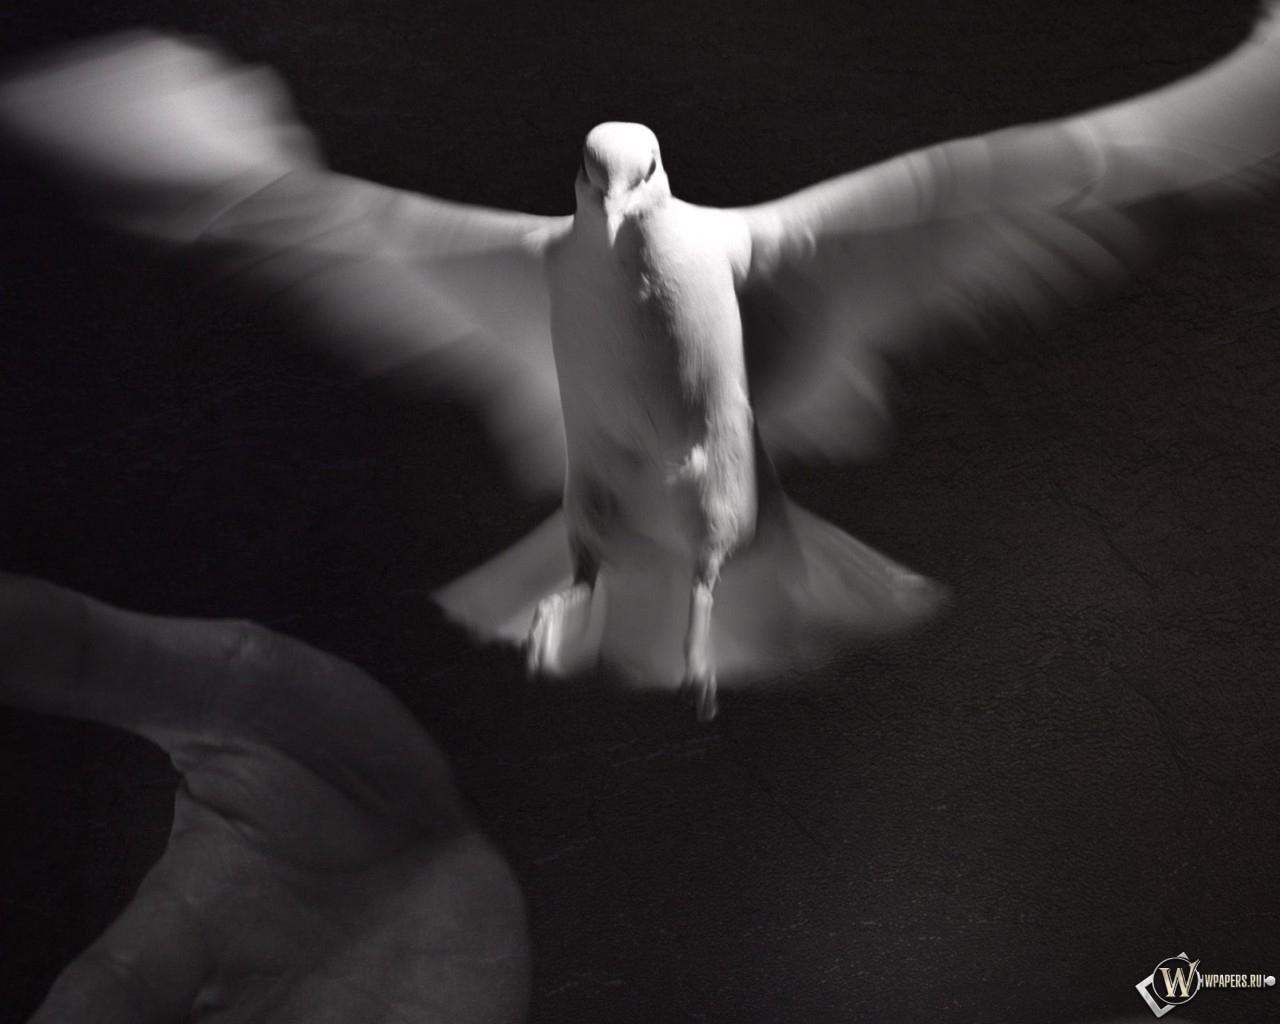 Белый голубь 1280x1024